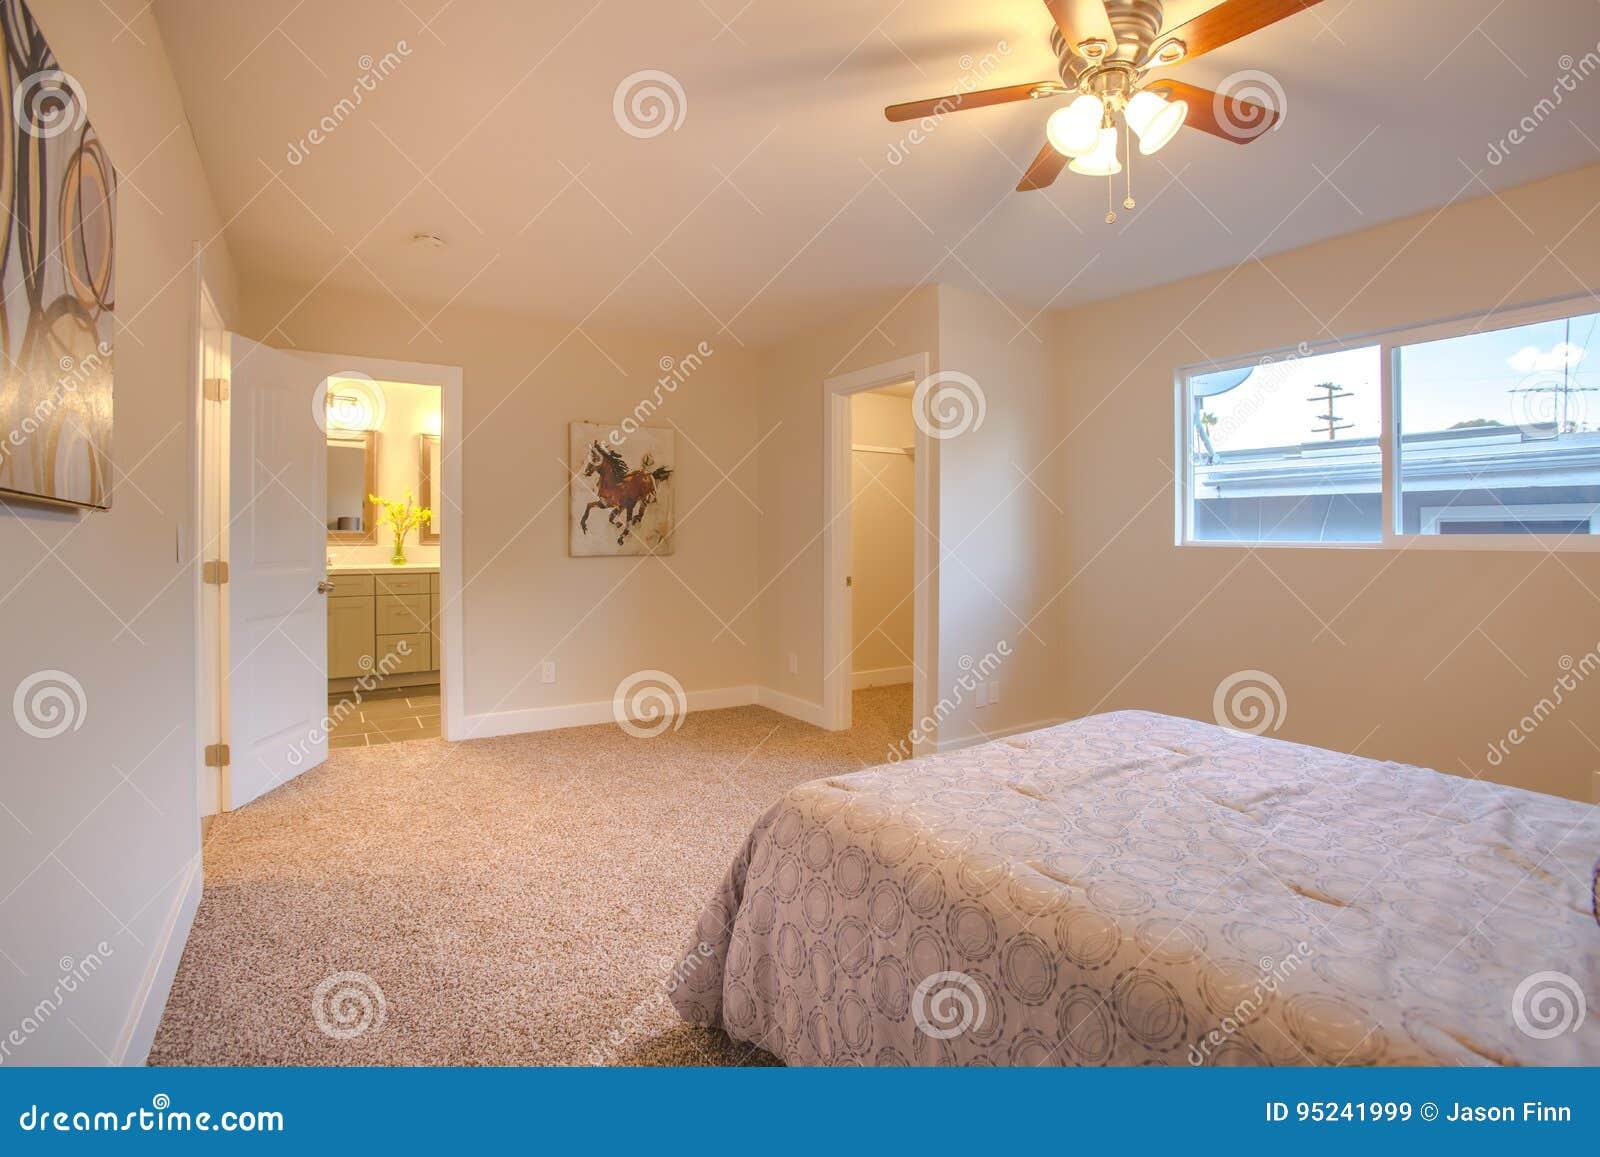 Hauptschlafzimmer Mit Offenen Türen Zum Badezimmer, Zum Eintritt Und ...